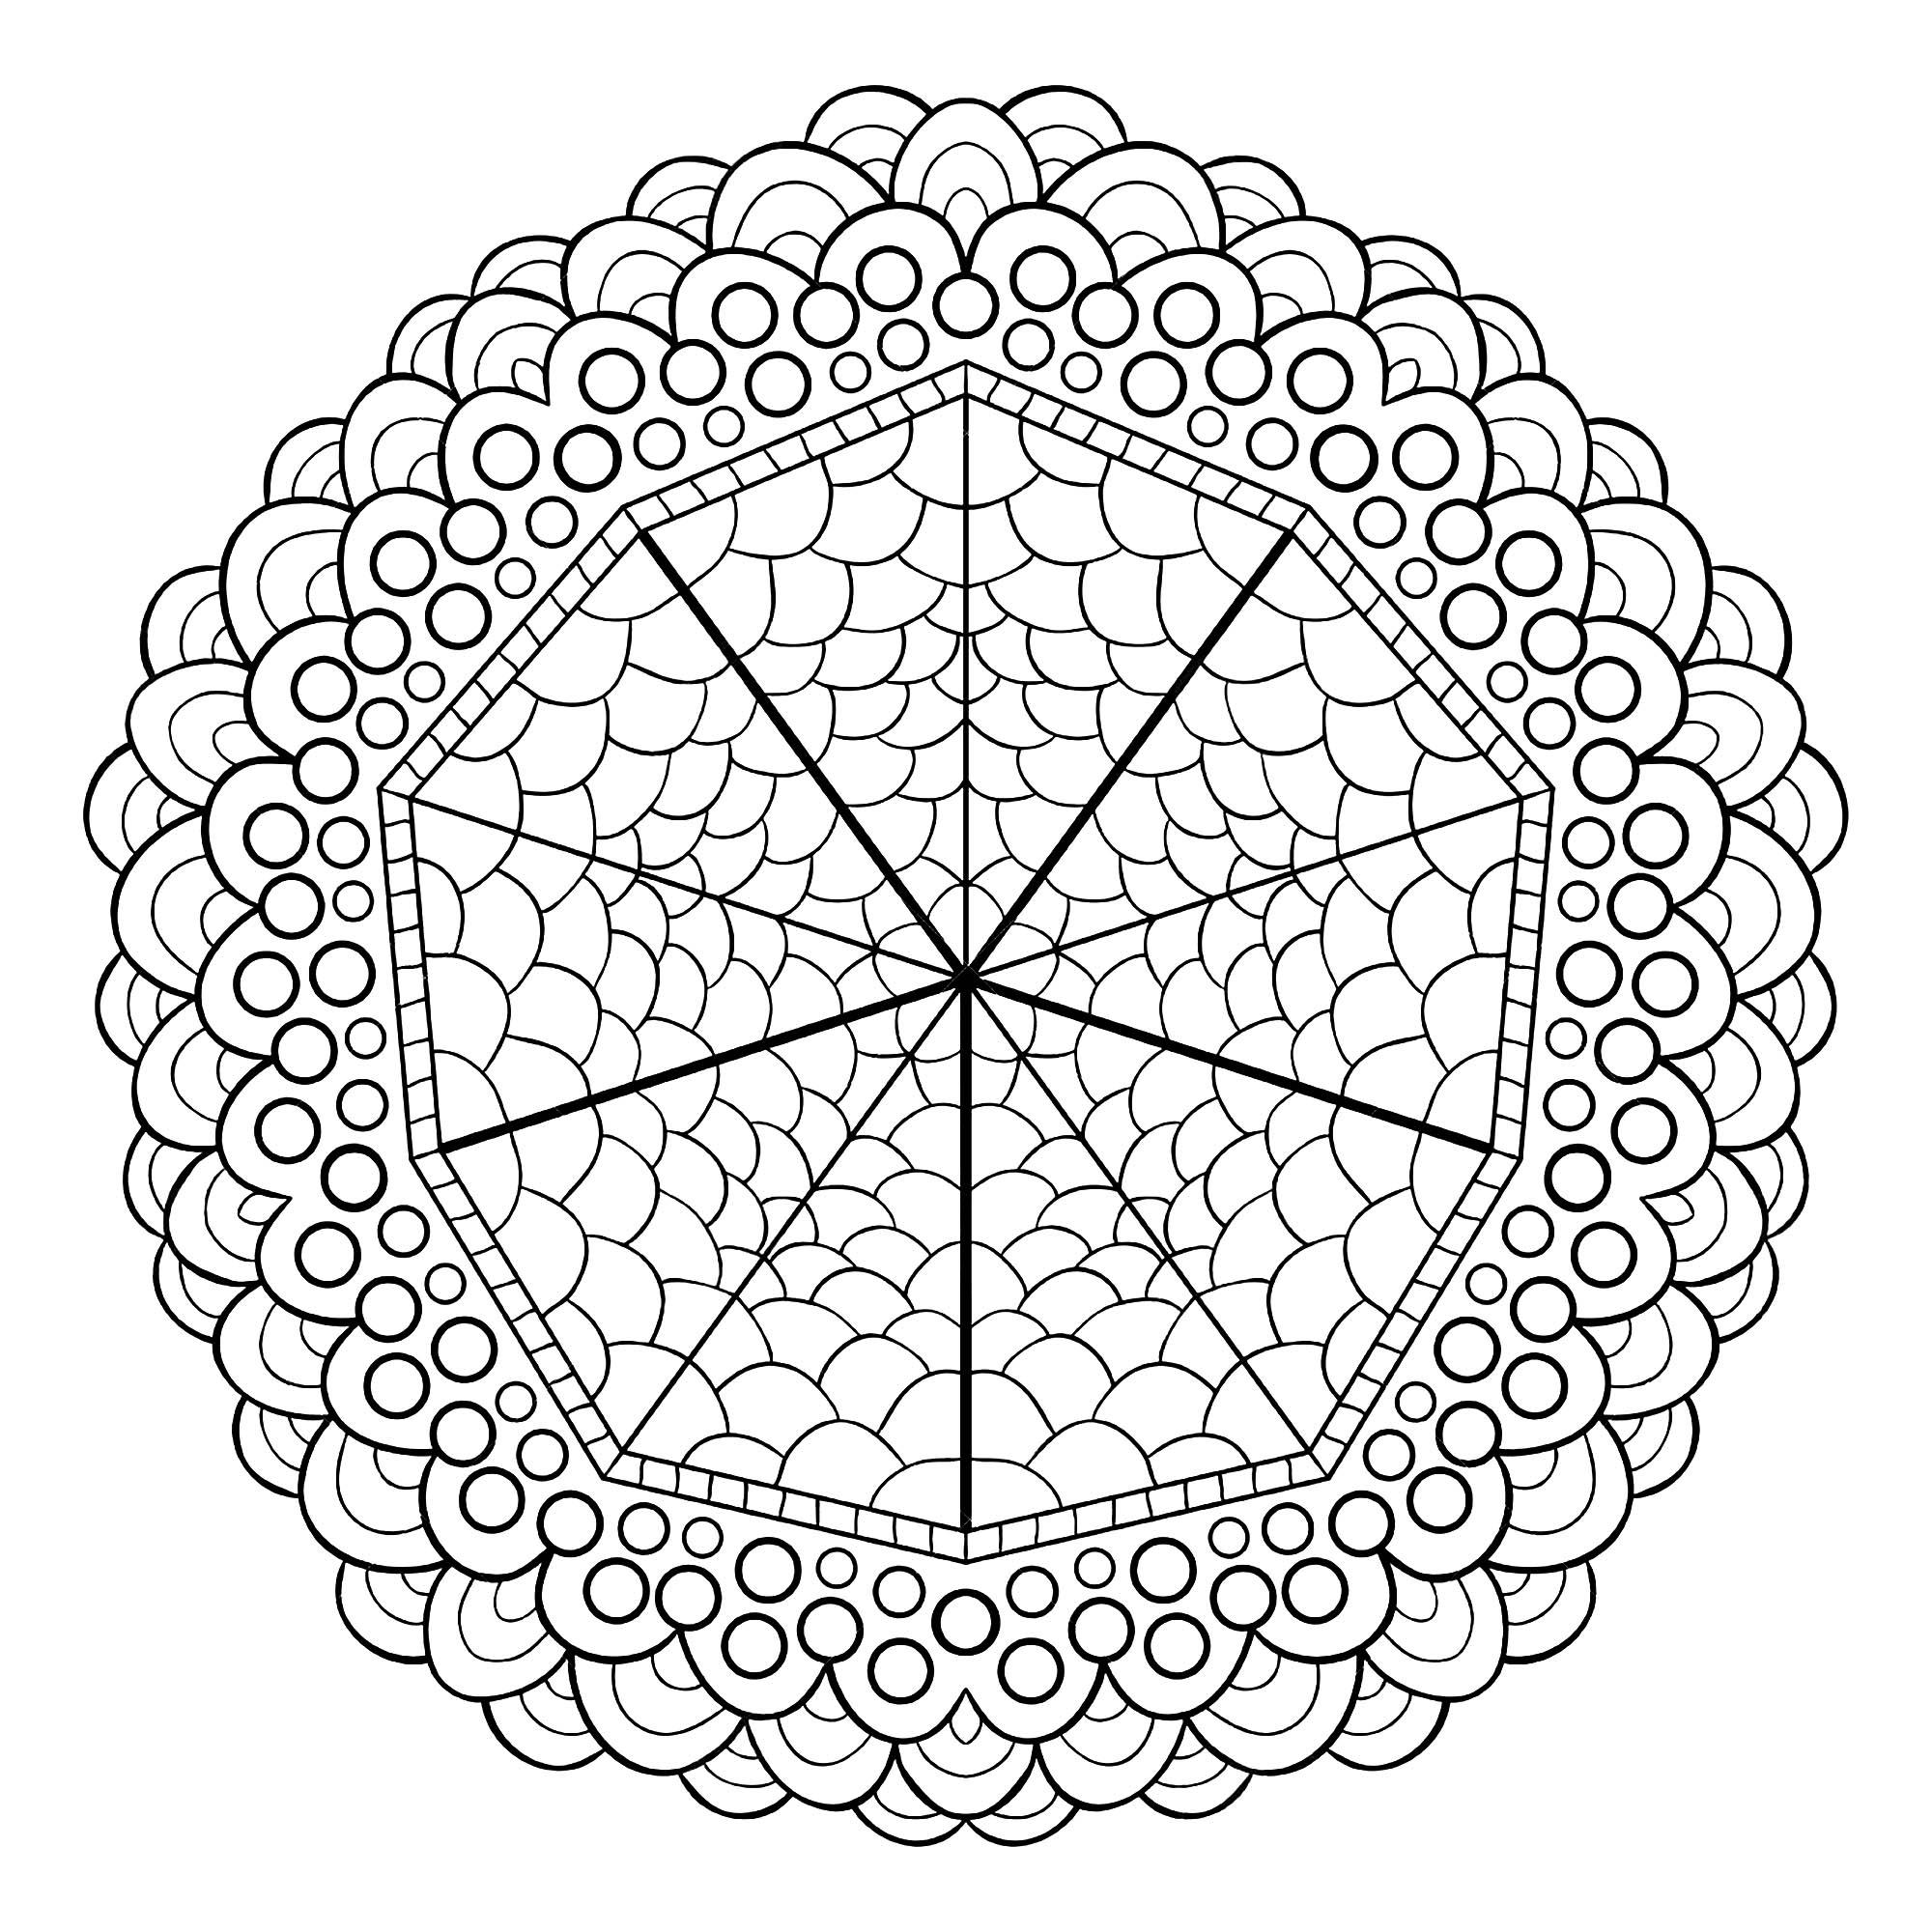 Magnifique Mandala - Mandalas - Coloriages difficiles pour ...